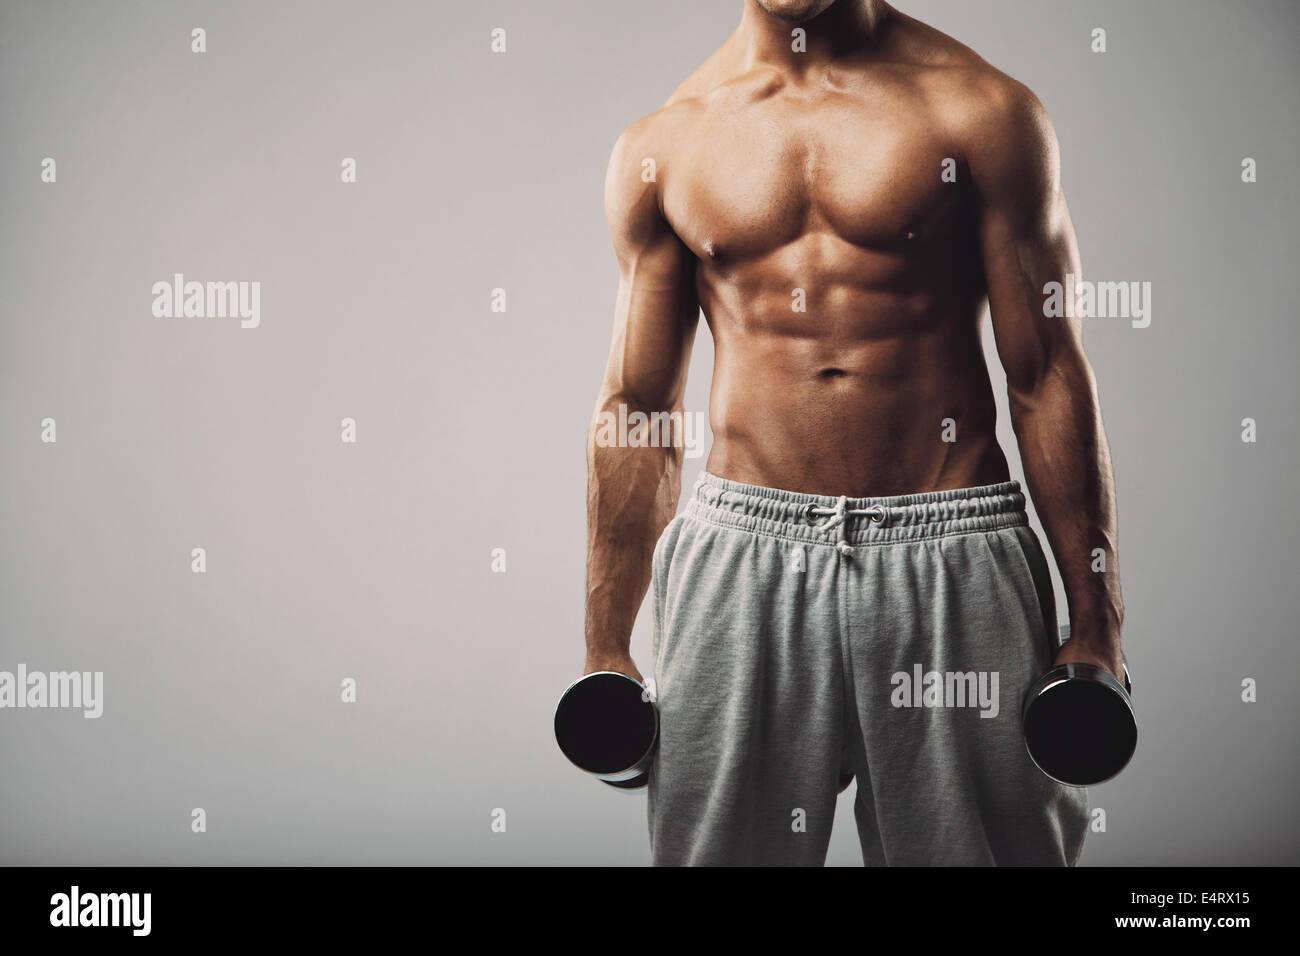 Studio Aufnahme eines männlichen Modells in Jogginghose mit Hanteln in beiden Händen auf grauem Hintergrund Stockbild